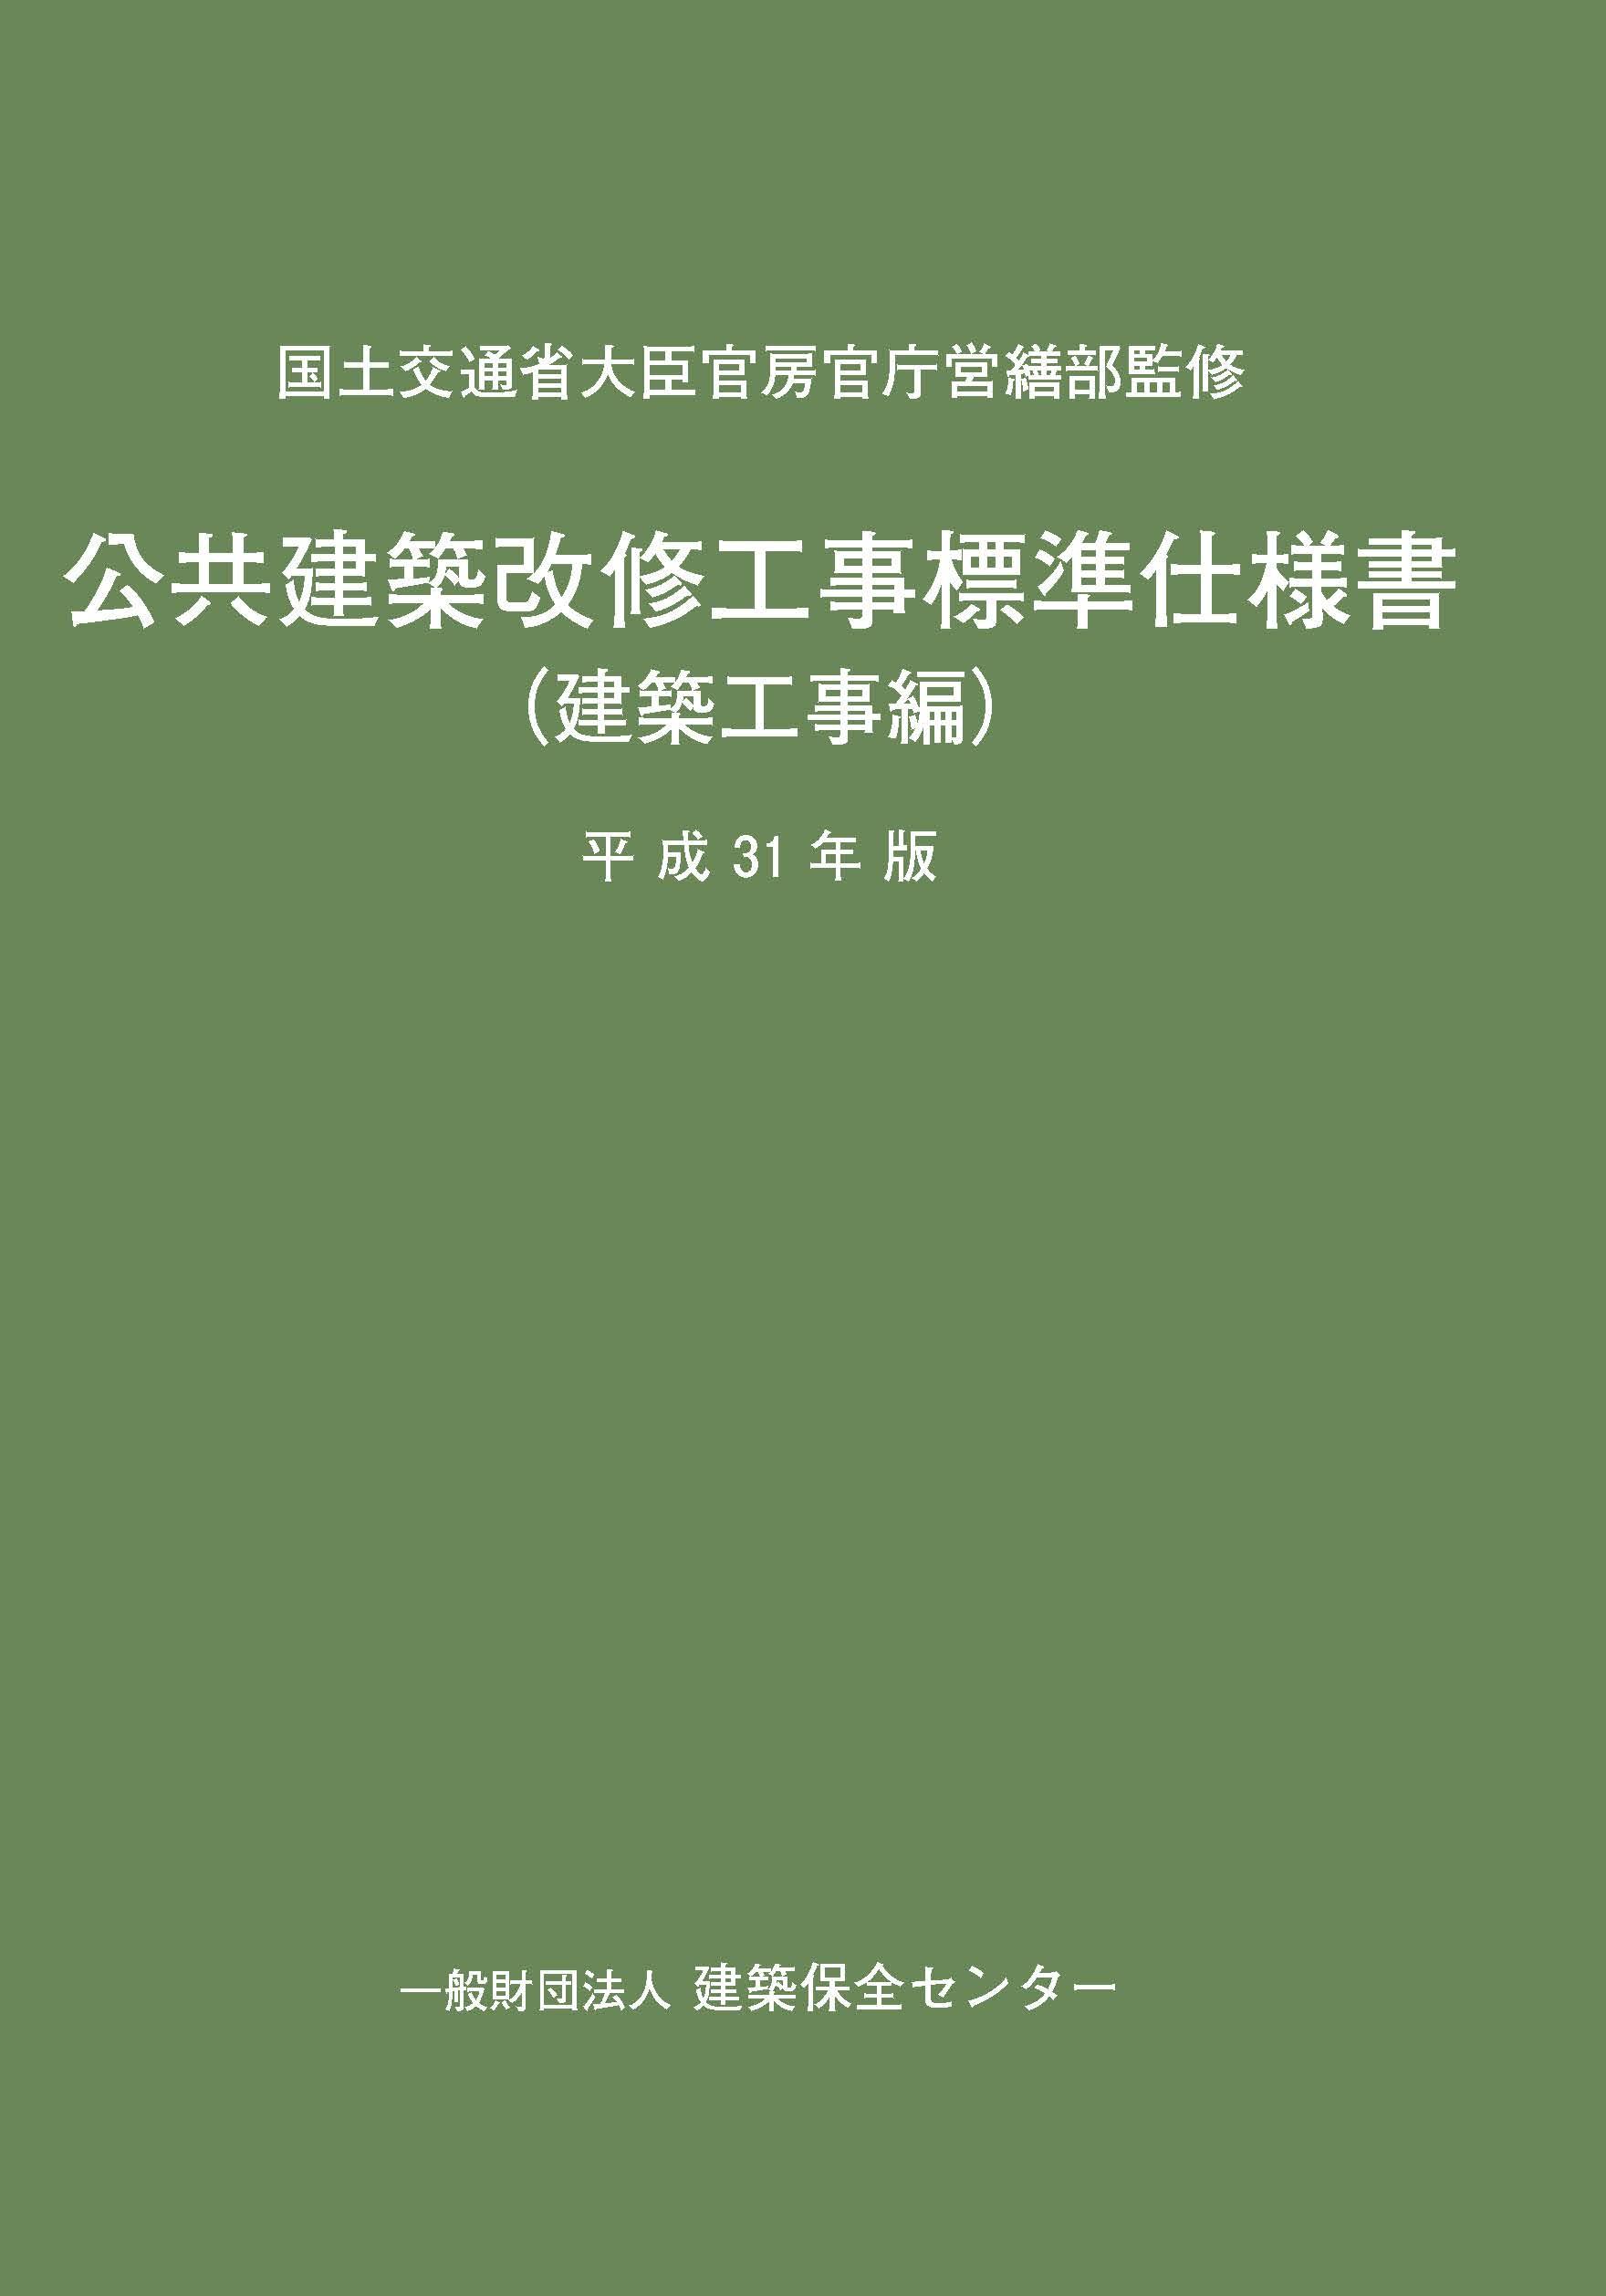 公共建築改修工事標準仕様書(建築工事編)平成31年版